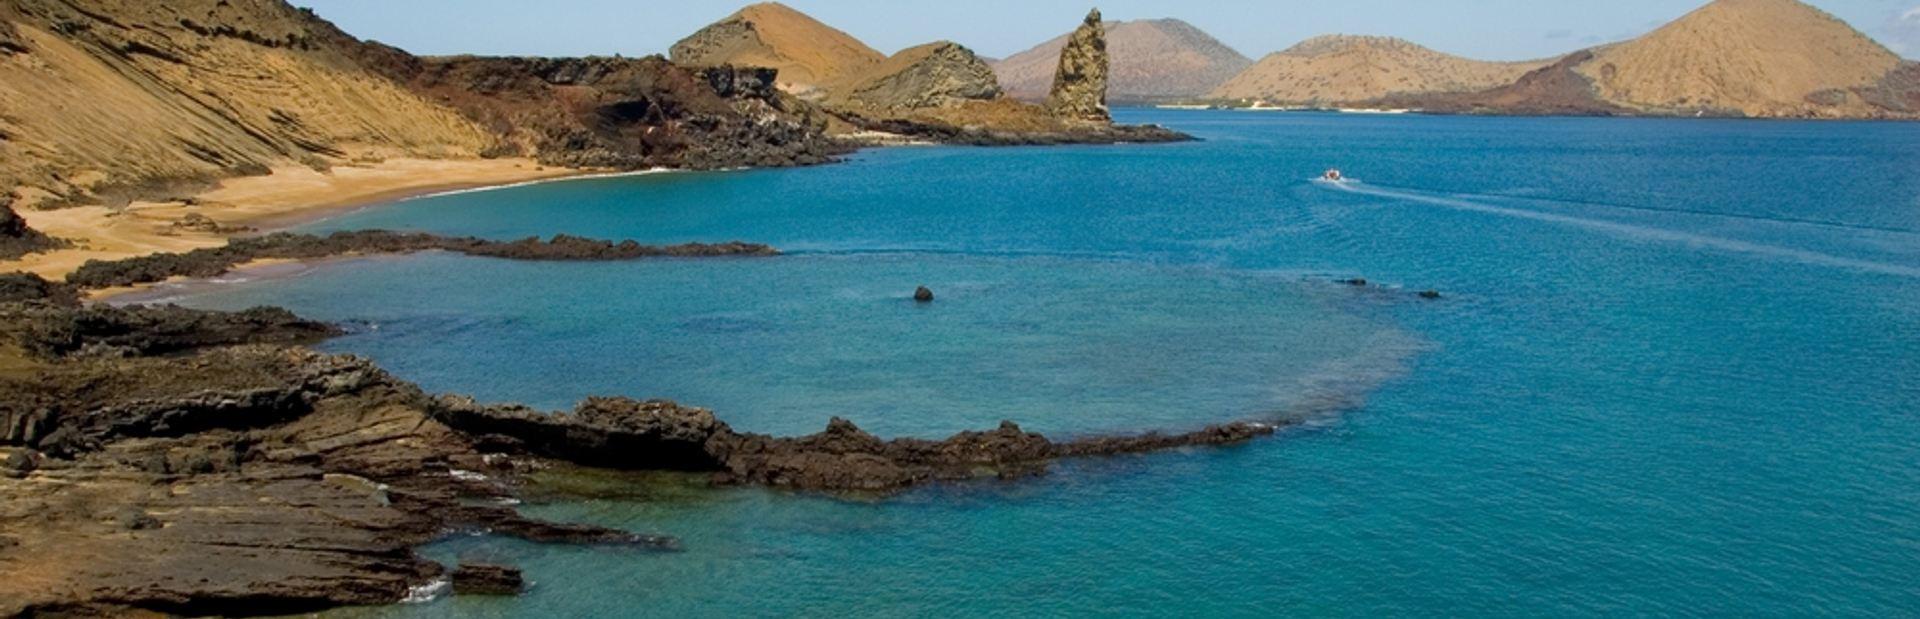 Galapagos Islands charter itineraries